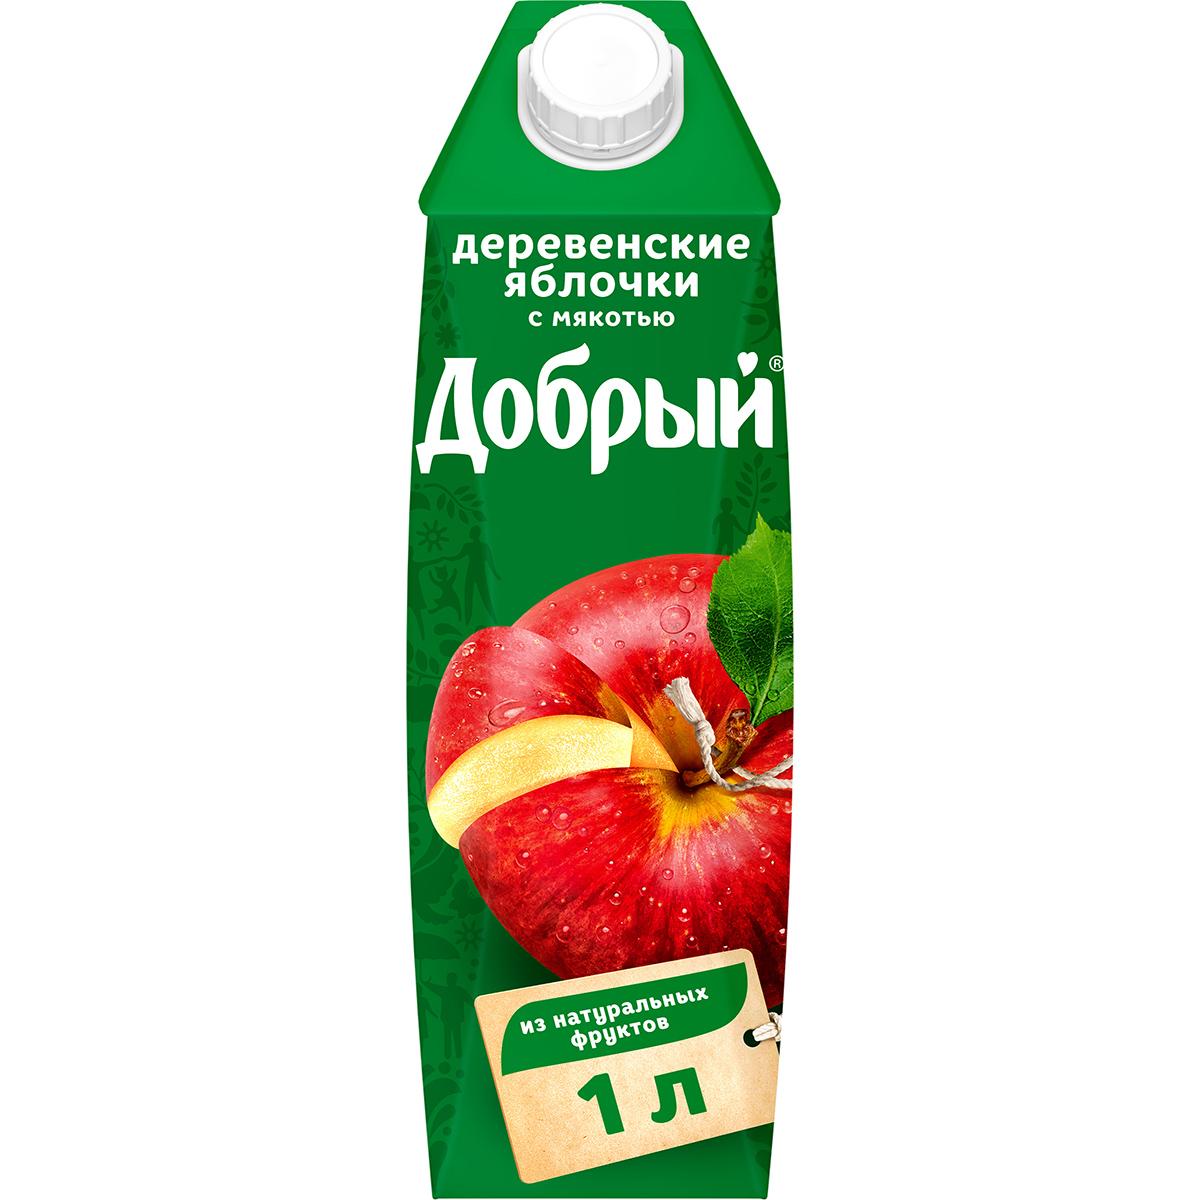 Нектар Добрый Деревенские яблочки с мякотью 1 л